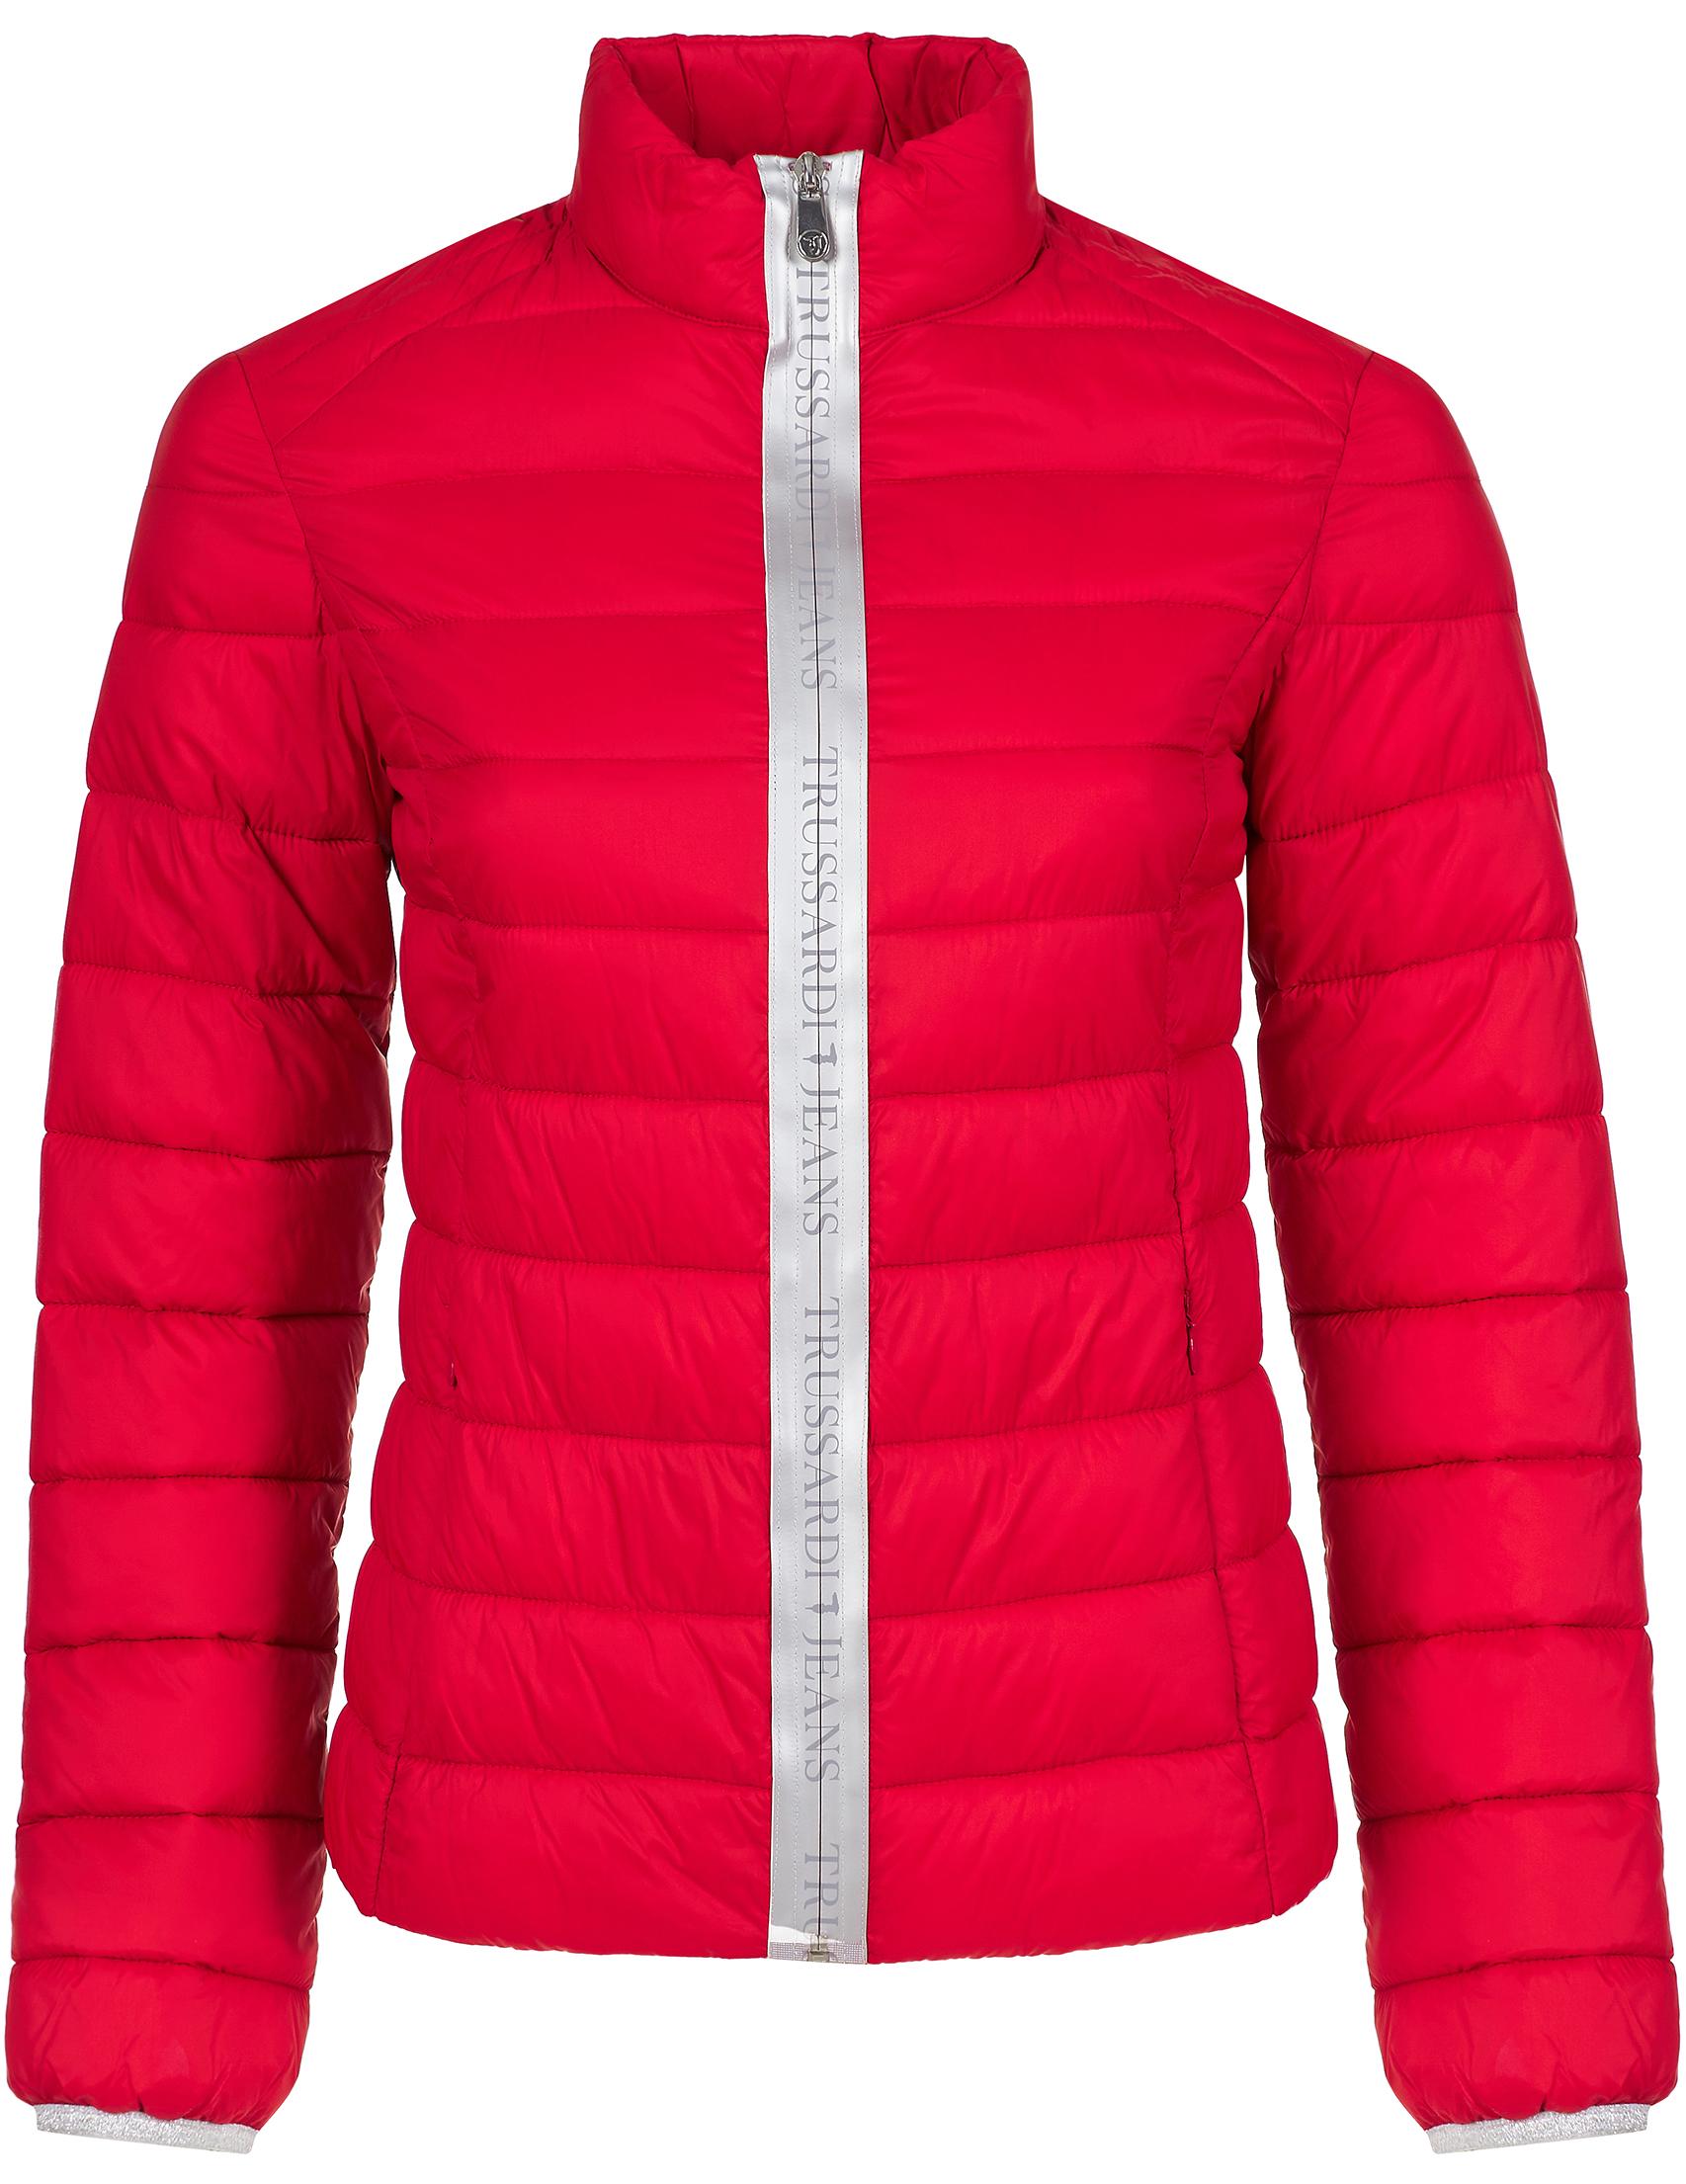 Купить Куртки, Куртка, TRUSSARDI JEANS, Красный, 100%Полиамид, Осень-Зима